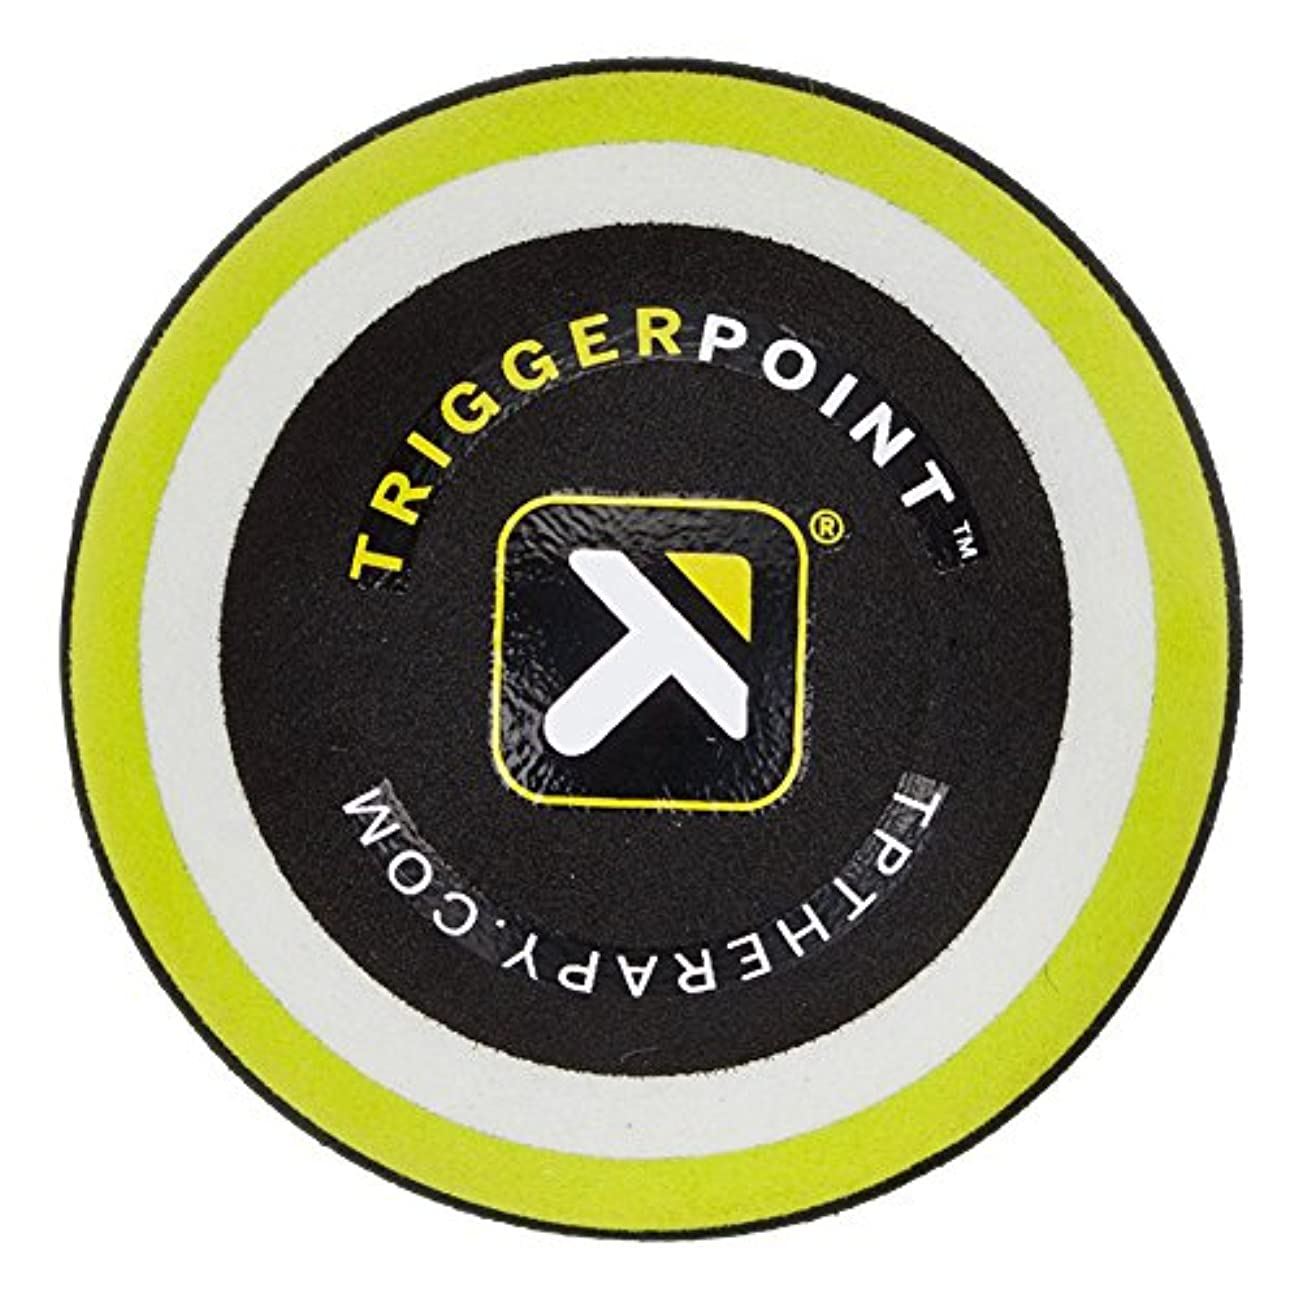 眠っているエピソードクリア[ トリガーポイント ] Trigger Point マッサージボール (6.5cm) MB1 筋膜リリース 03301 グリーン ストレッチ [並行輸入品]